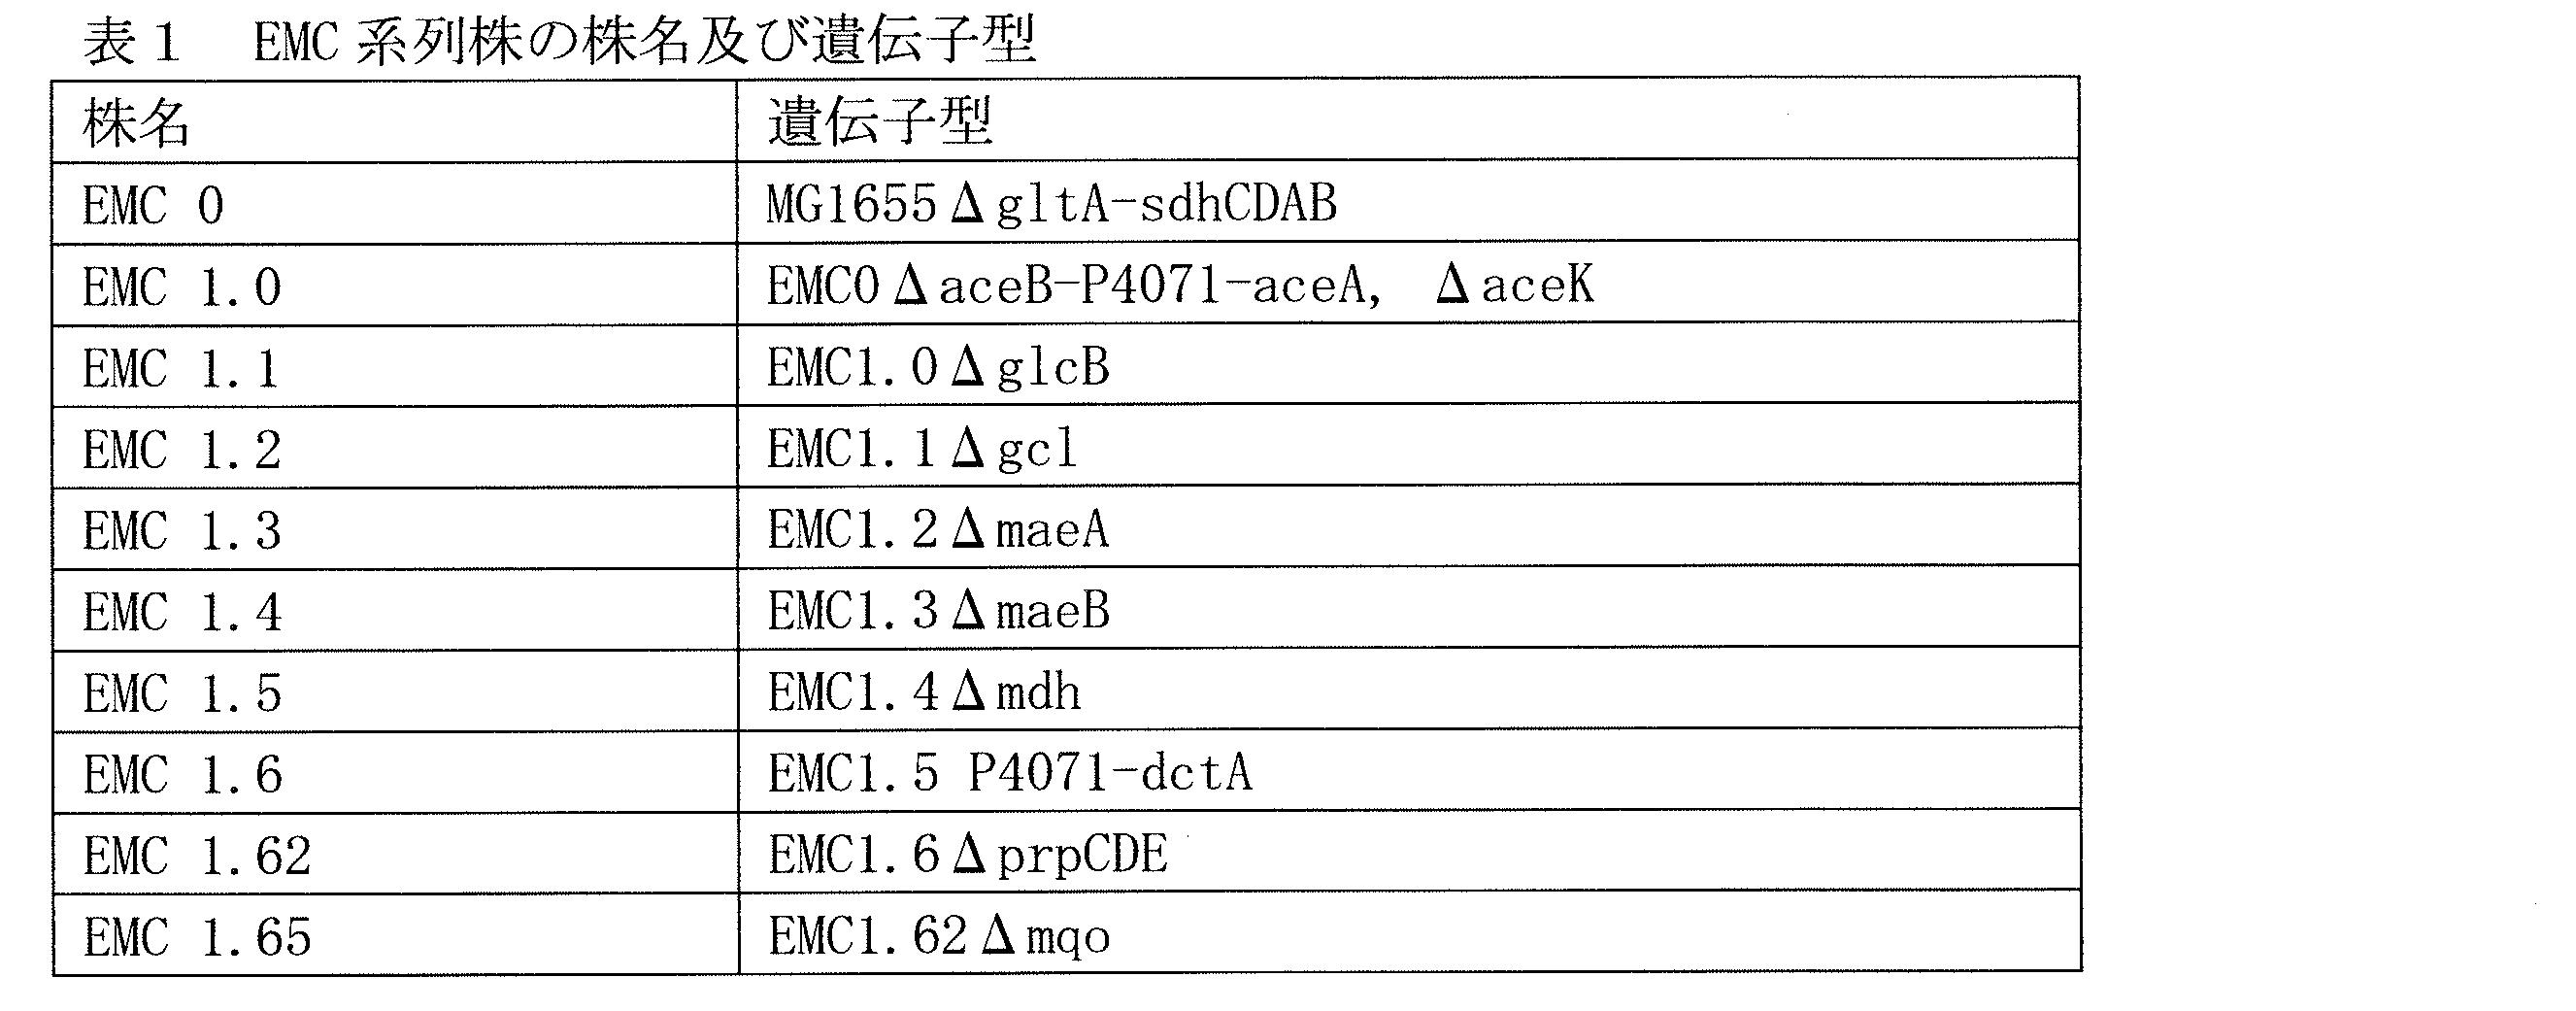 WO2015005405A1 - 有用物質の製...